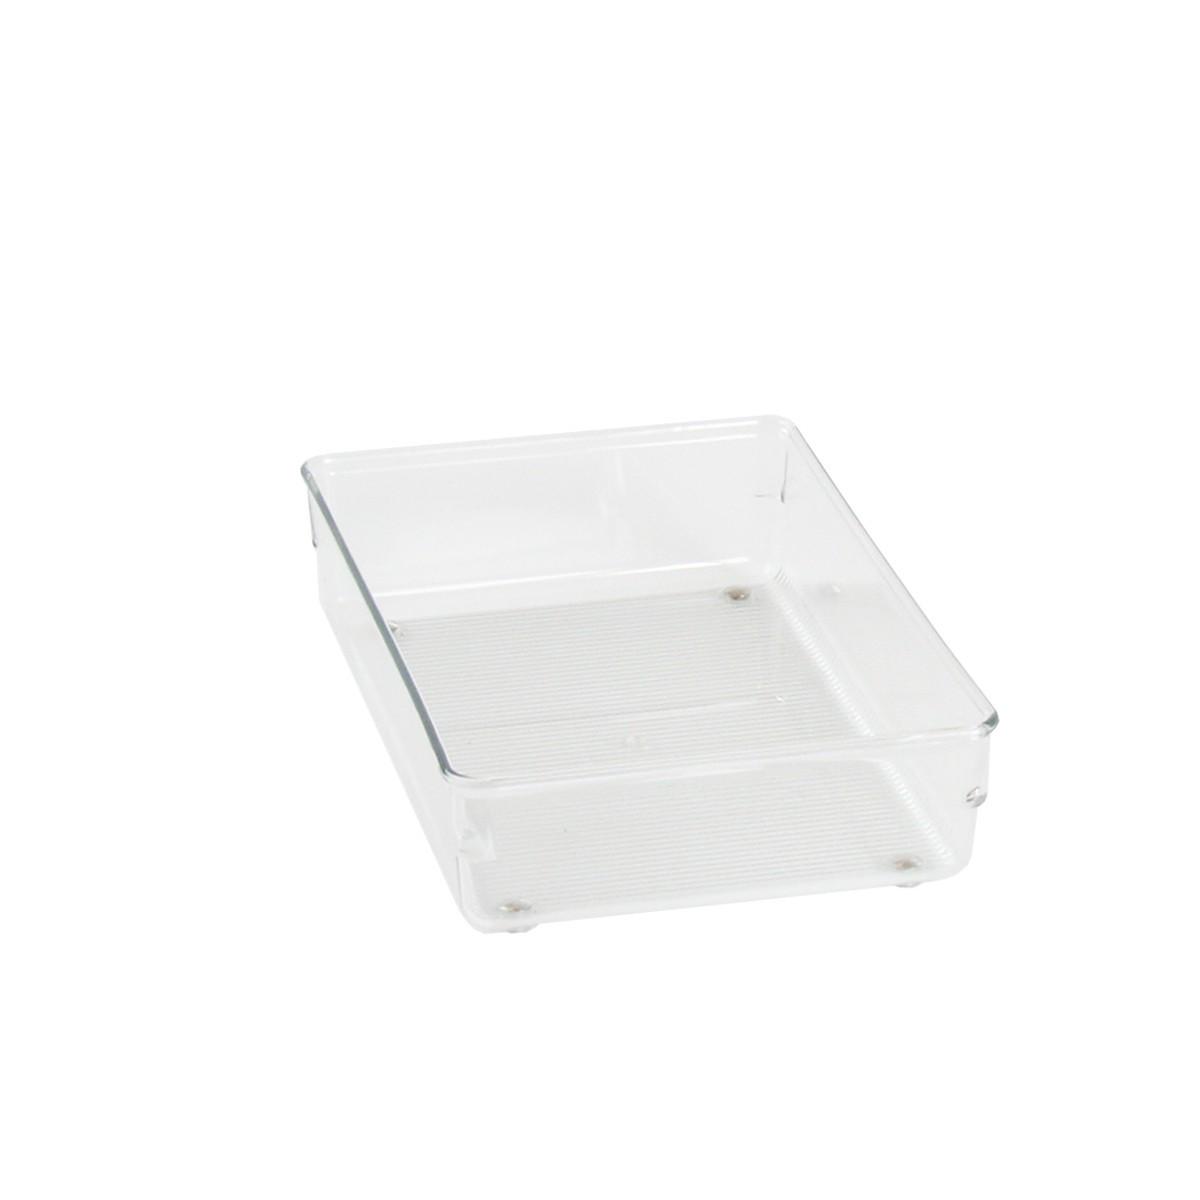 Organiseur Tiroir Salle De Bain : Organisateur M rectangulaire en acrylique pour tiroirs